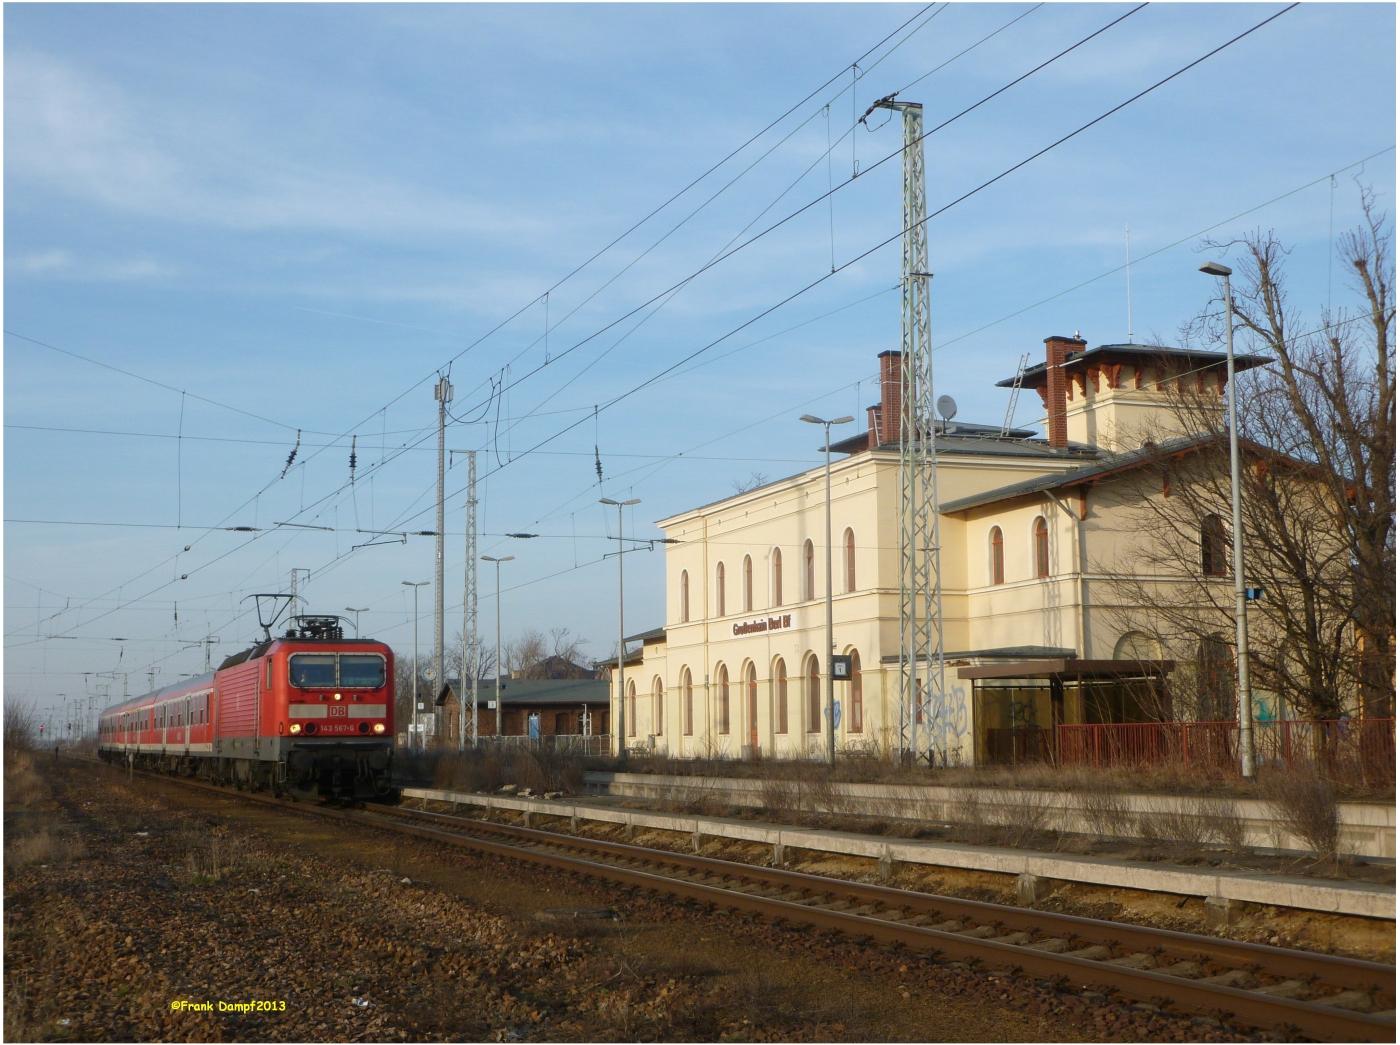 Regionalverkehr durch den Berliner Bahnhof in Großenhain